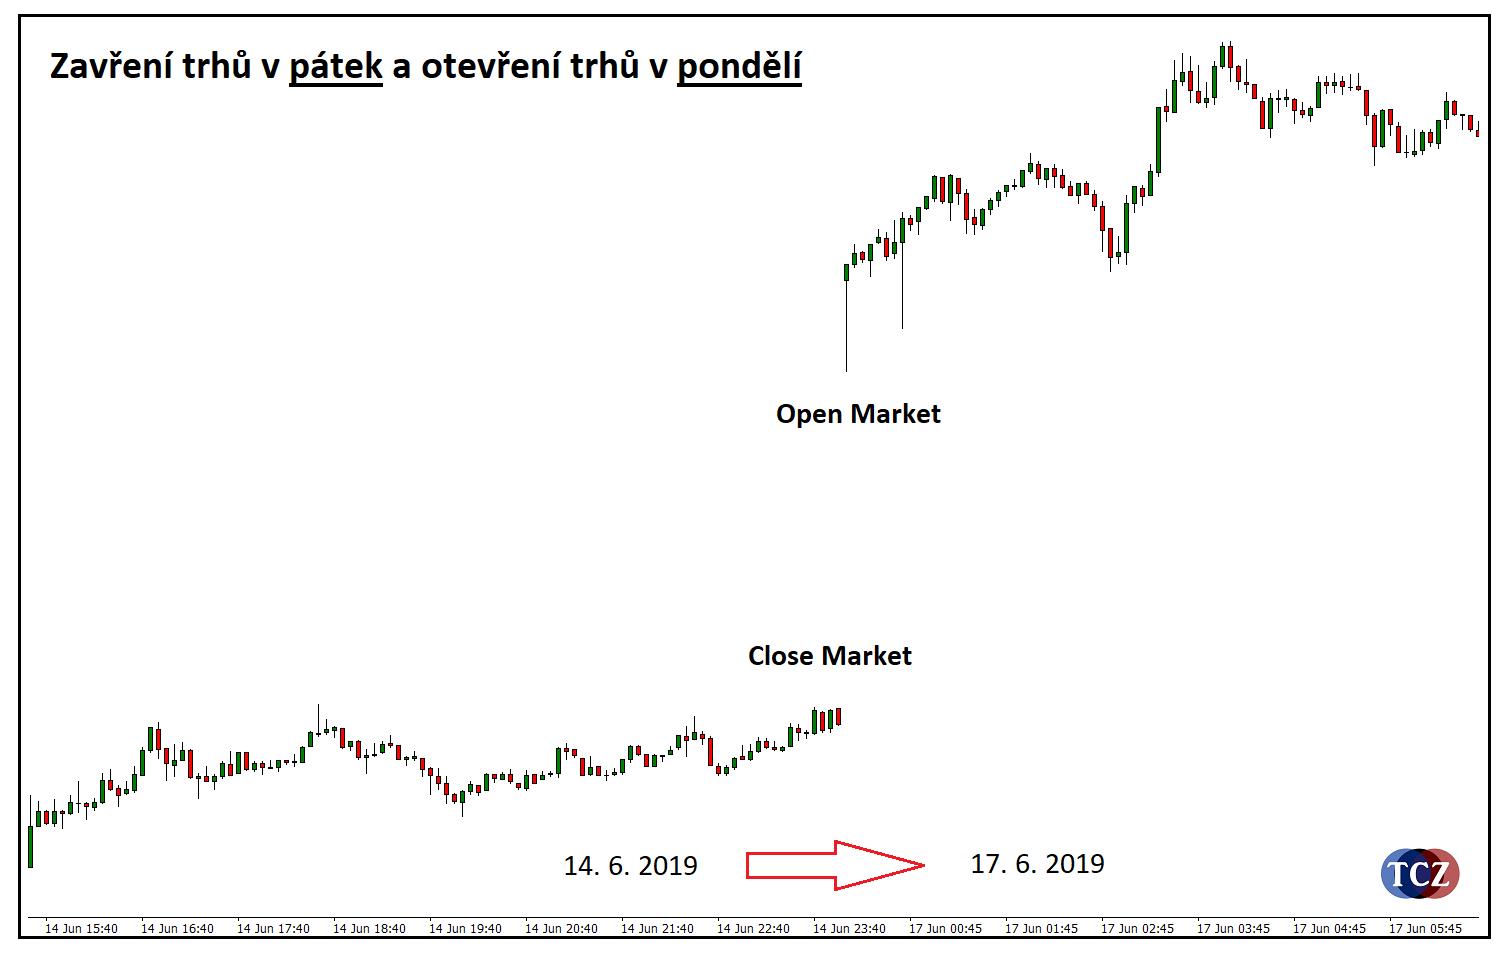 Otevření trhu open burzy